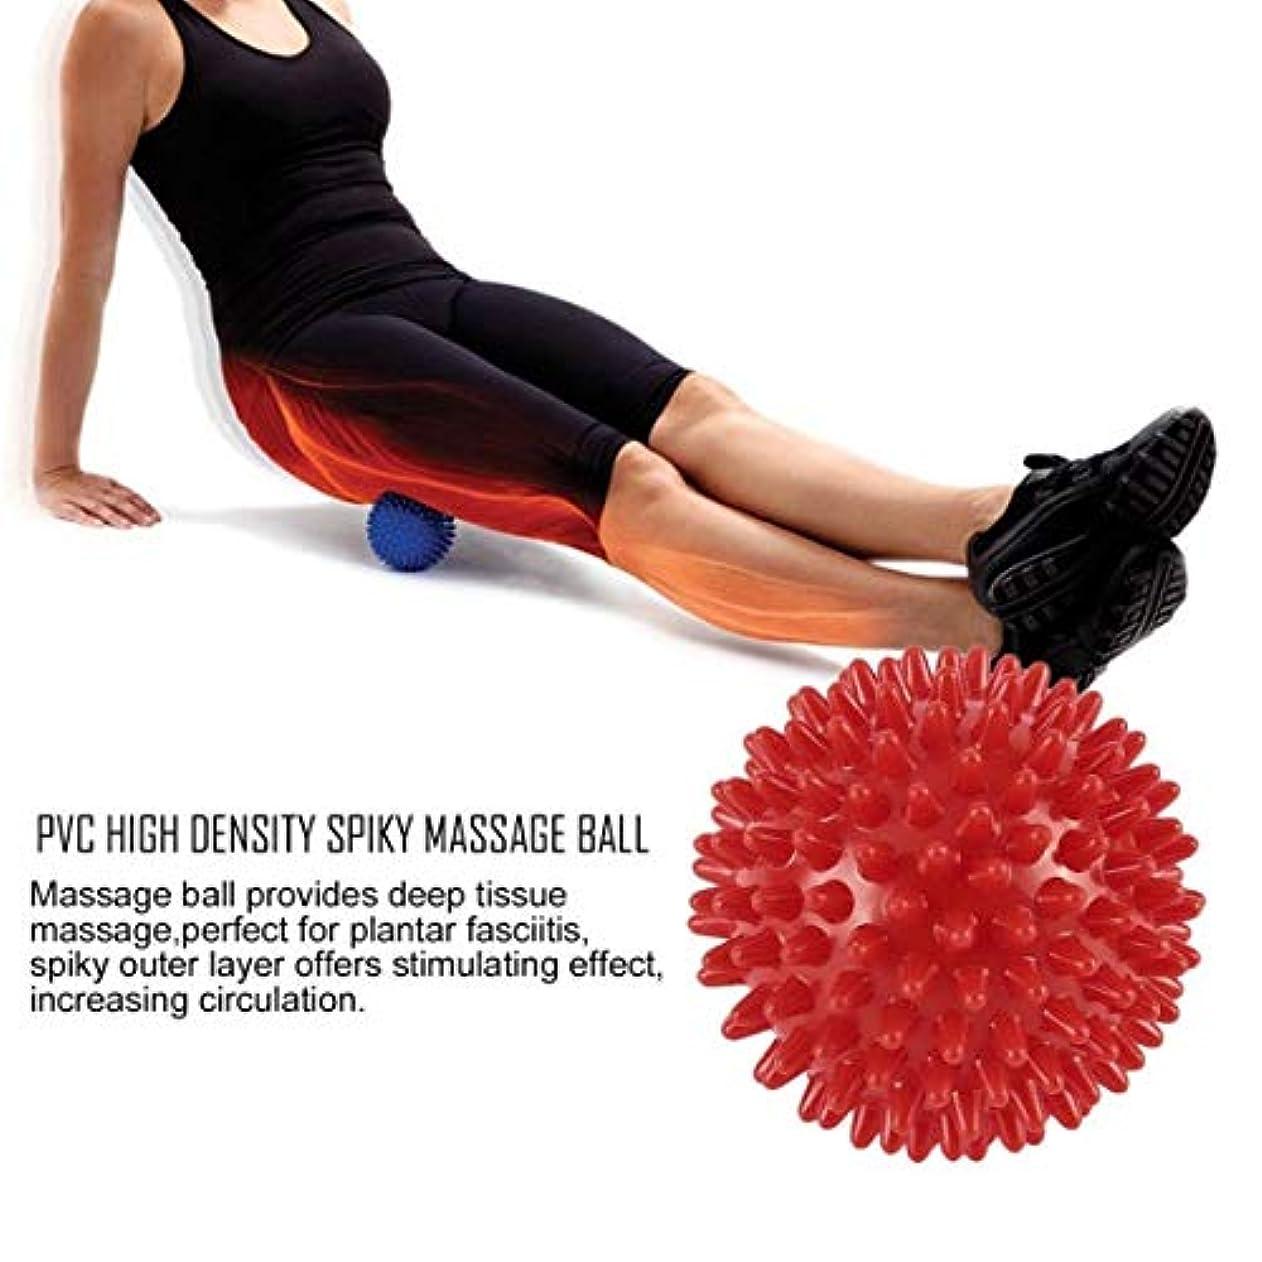 無限絶壁北極圏PVC High Density Spiky Massage Ball Foot Pain & Plantar Fasciitis Reliever Treatment Hedgehog Ball Massage Acupressure Ball